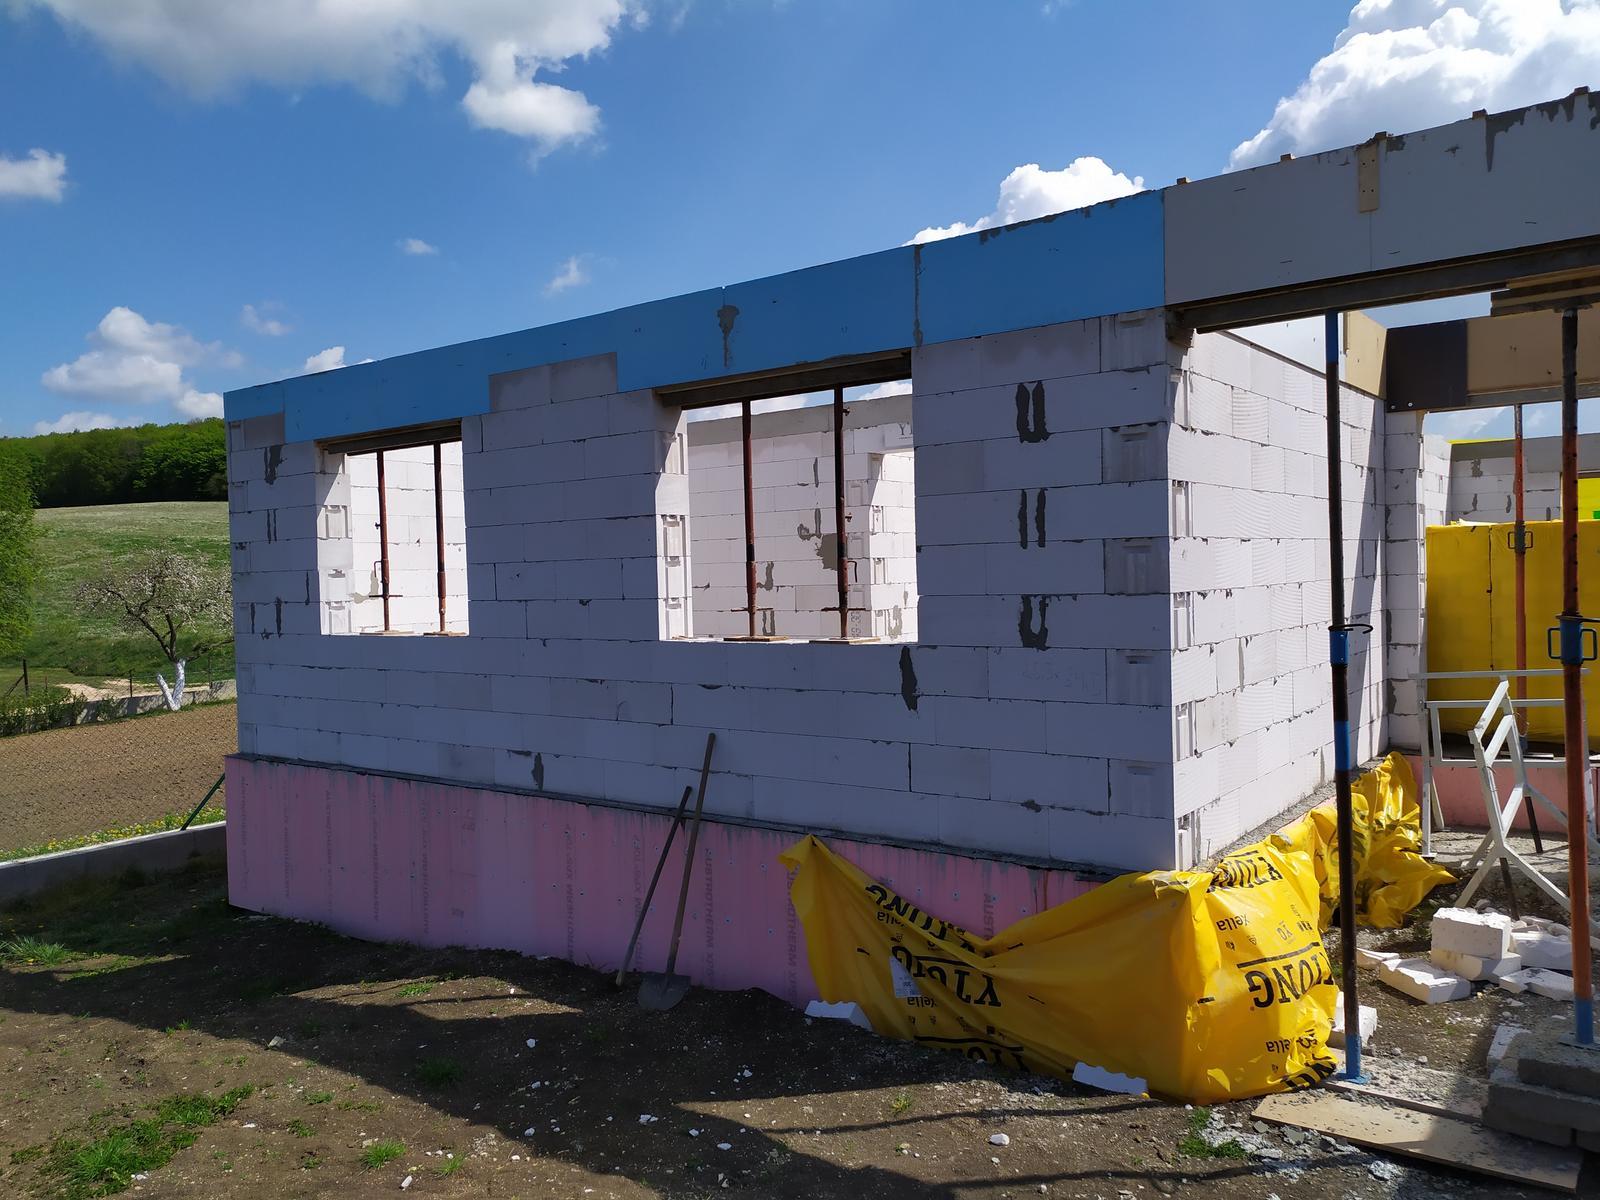 Stavba domu - Svojpomocne 🏠 - Obrázok č. 77